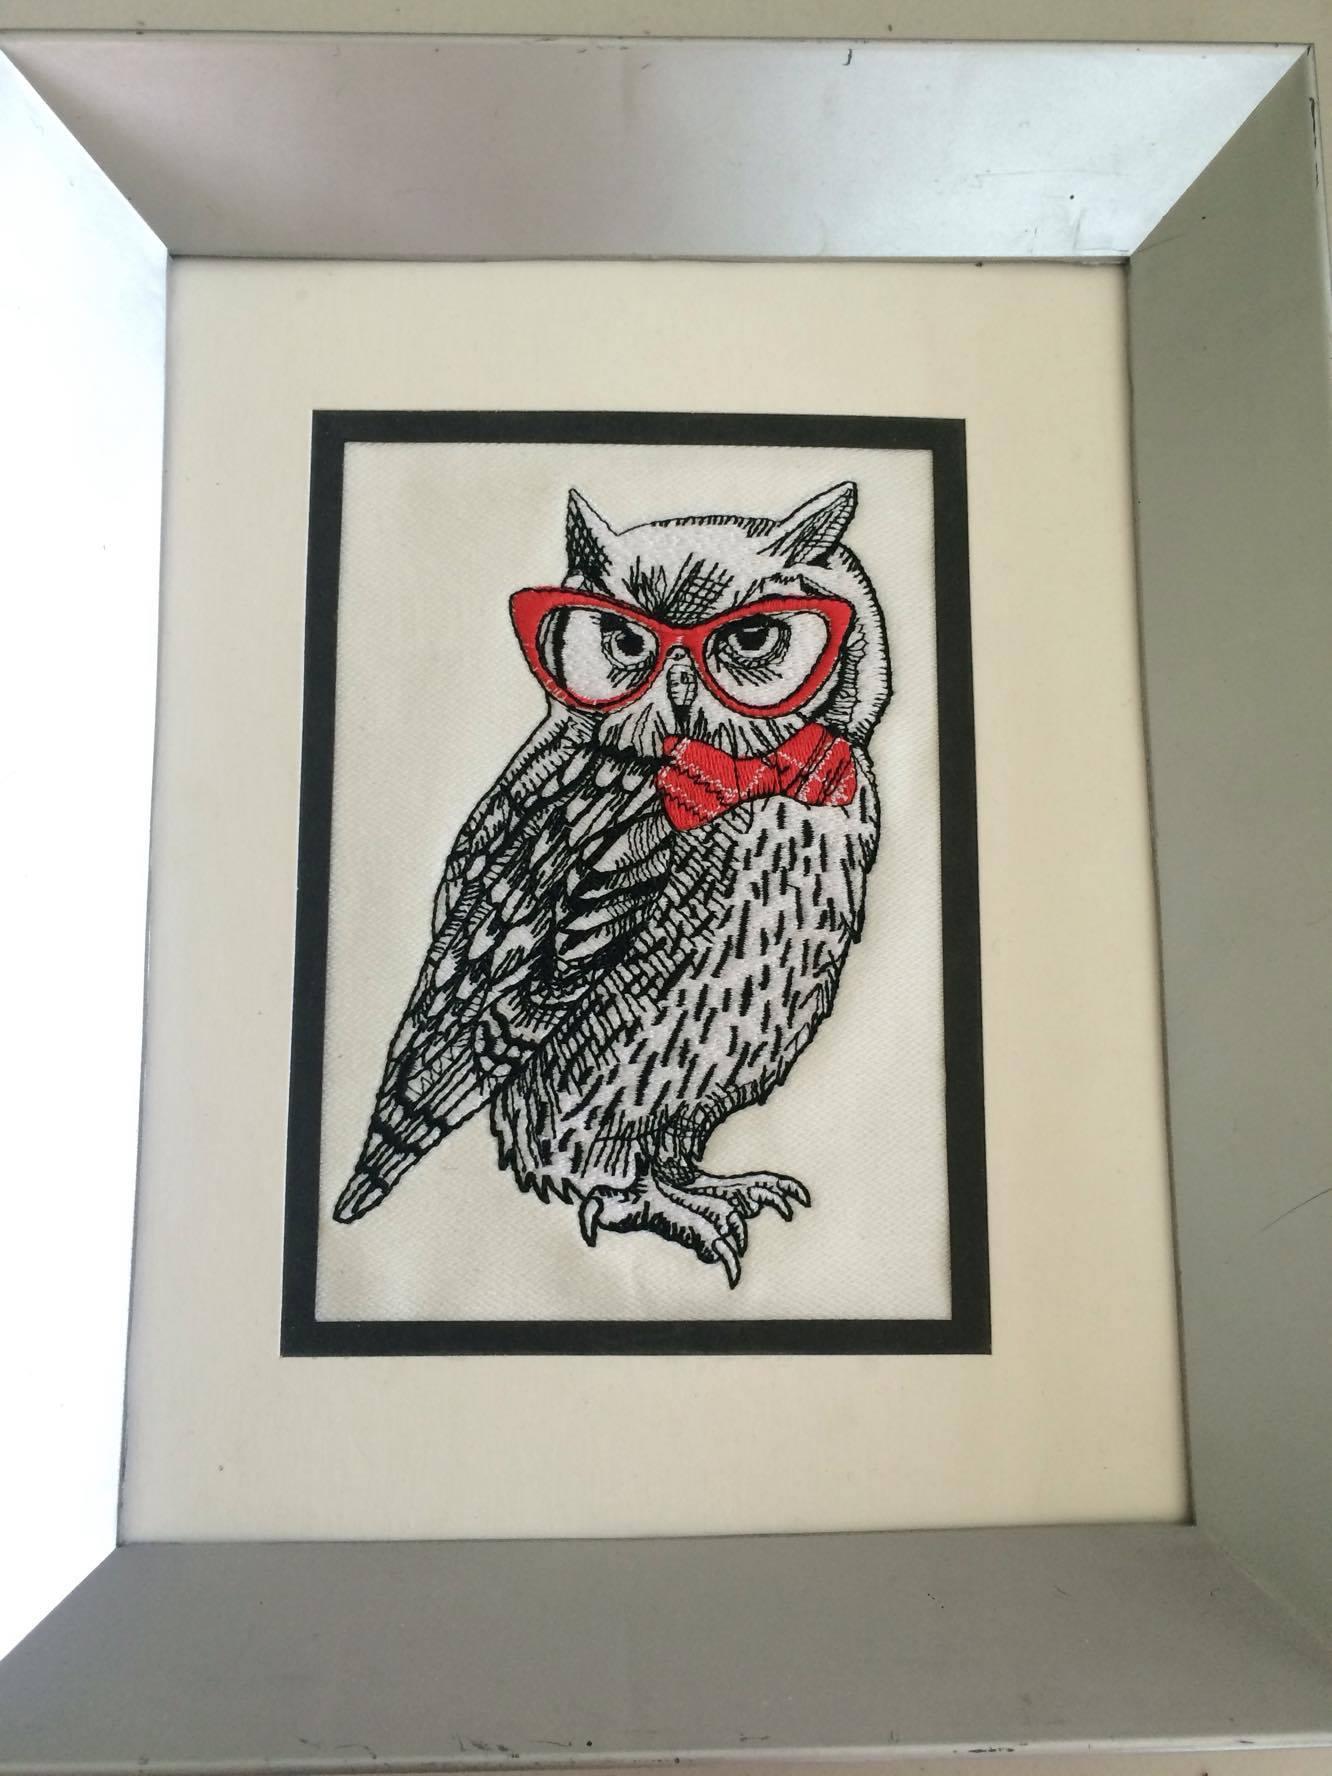 Framed Polar owl in glasses embroidery design